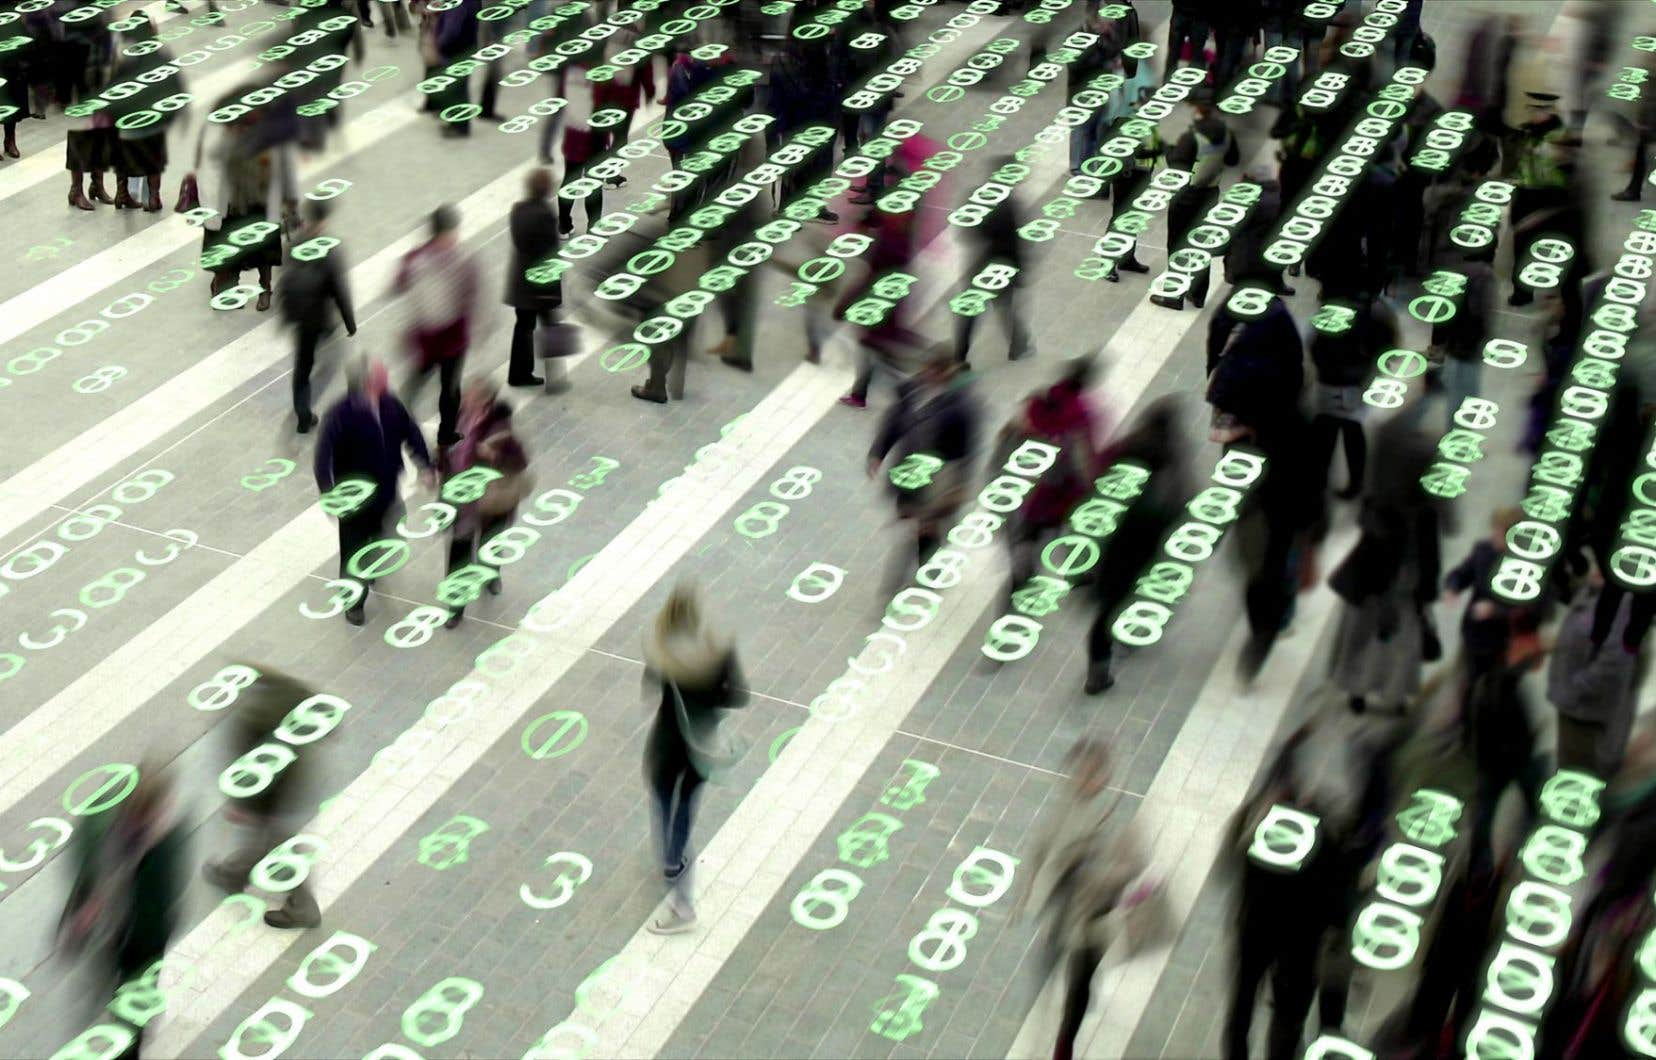 Chaque minute, environ 300000 tweets, 15millions de SMS, 204millions de courriels sont envoyés à travers le monde, tandis que deuxmillions de mots-clefs sont soumis à Google.